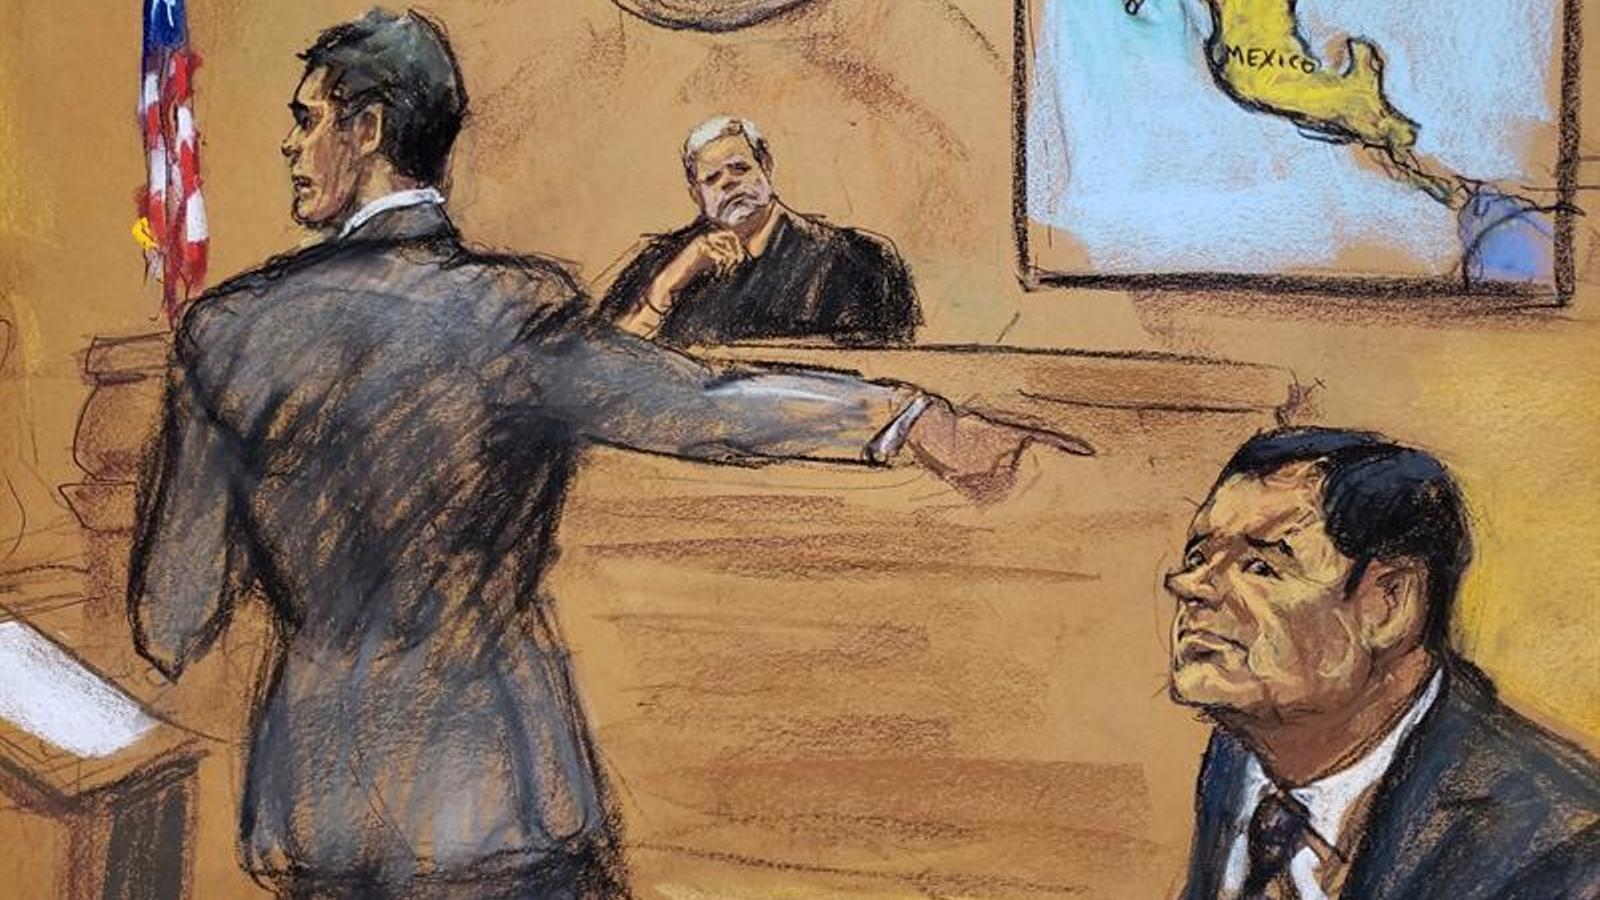 Dibuix de Jane Rosenberg on apareix assegut 'El Chapo' amb el fiscal i el jutge